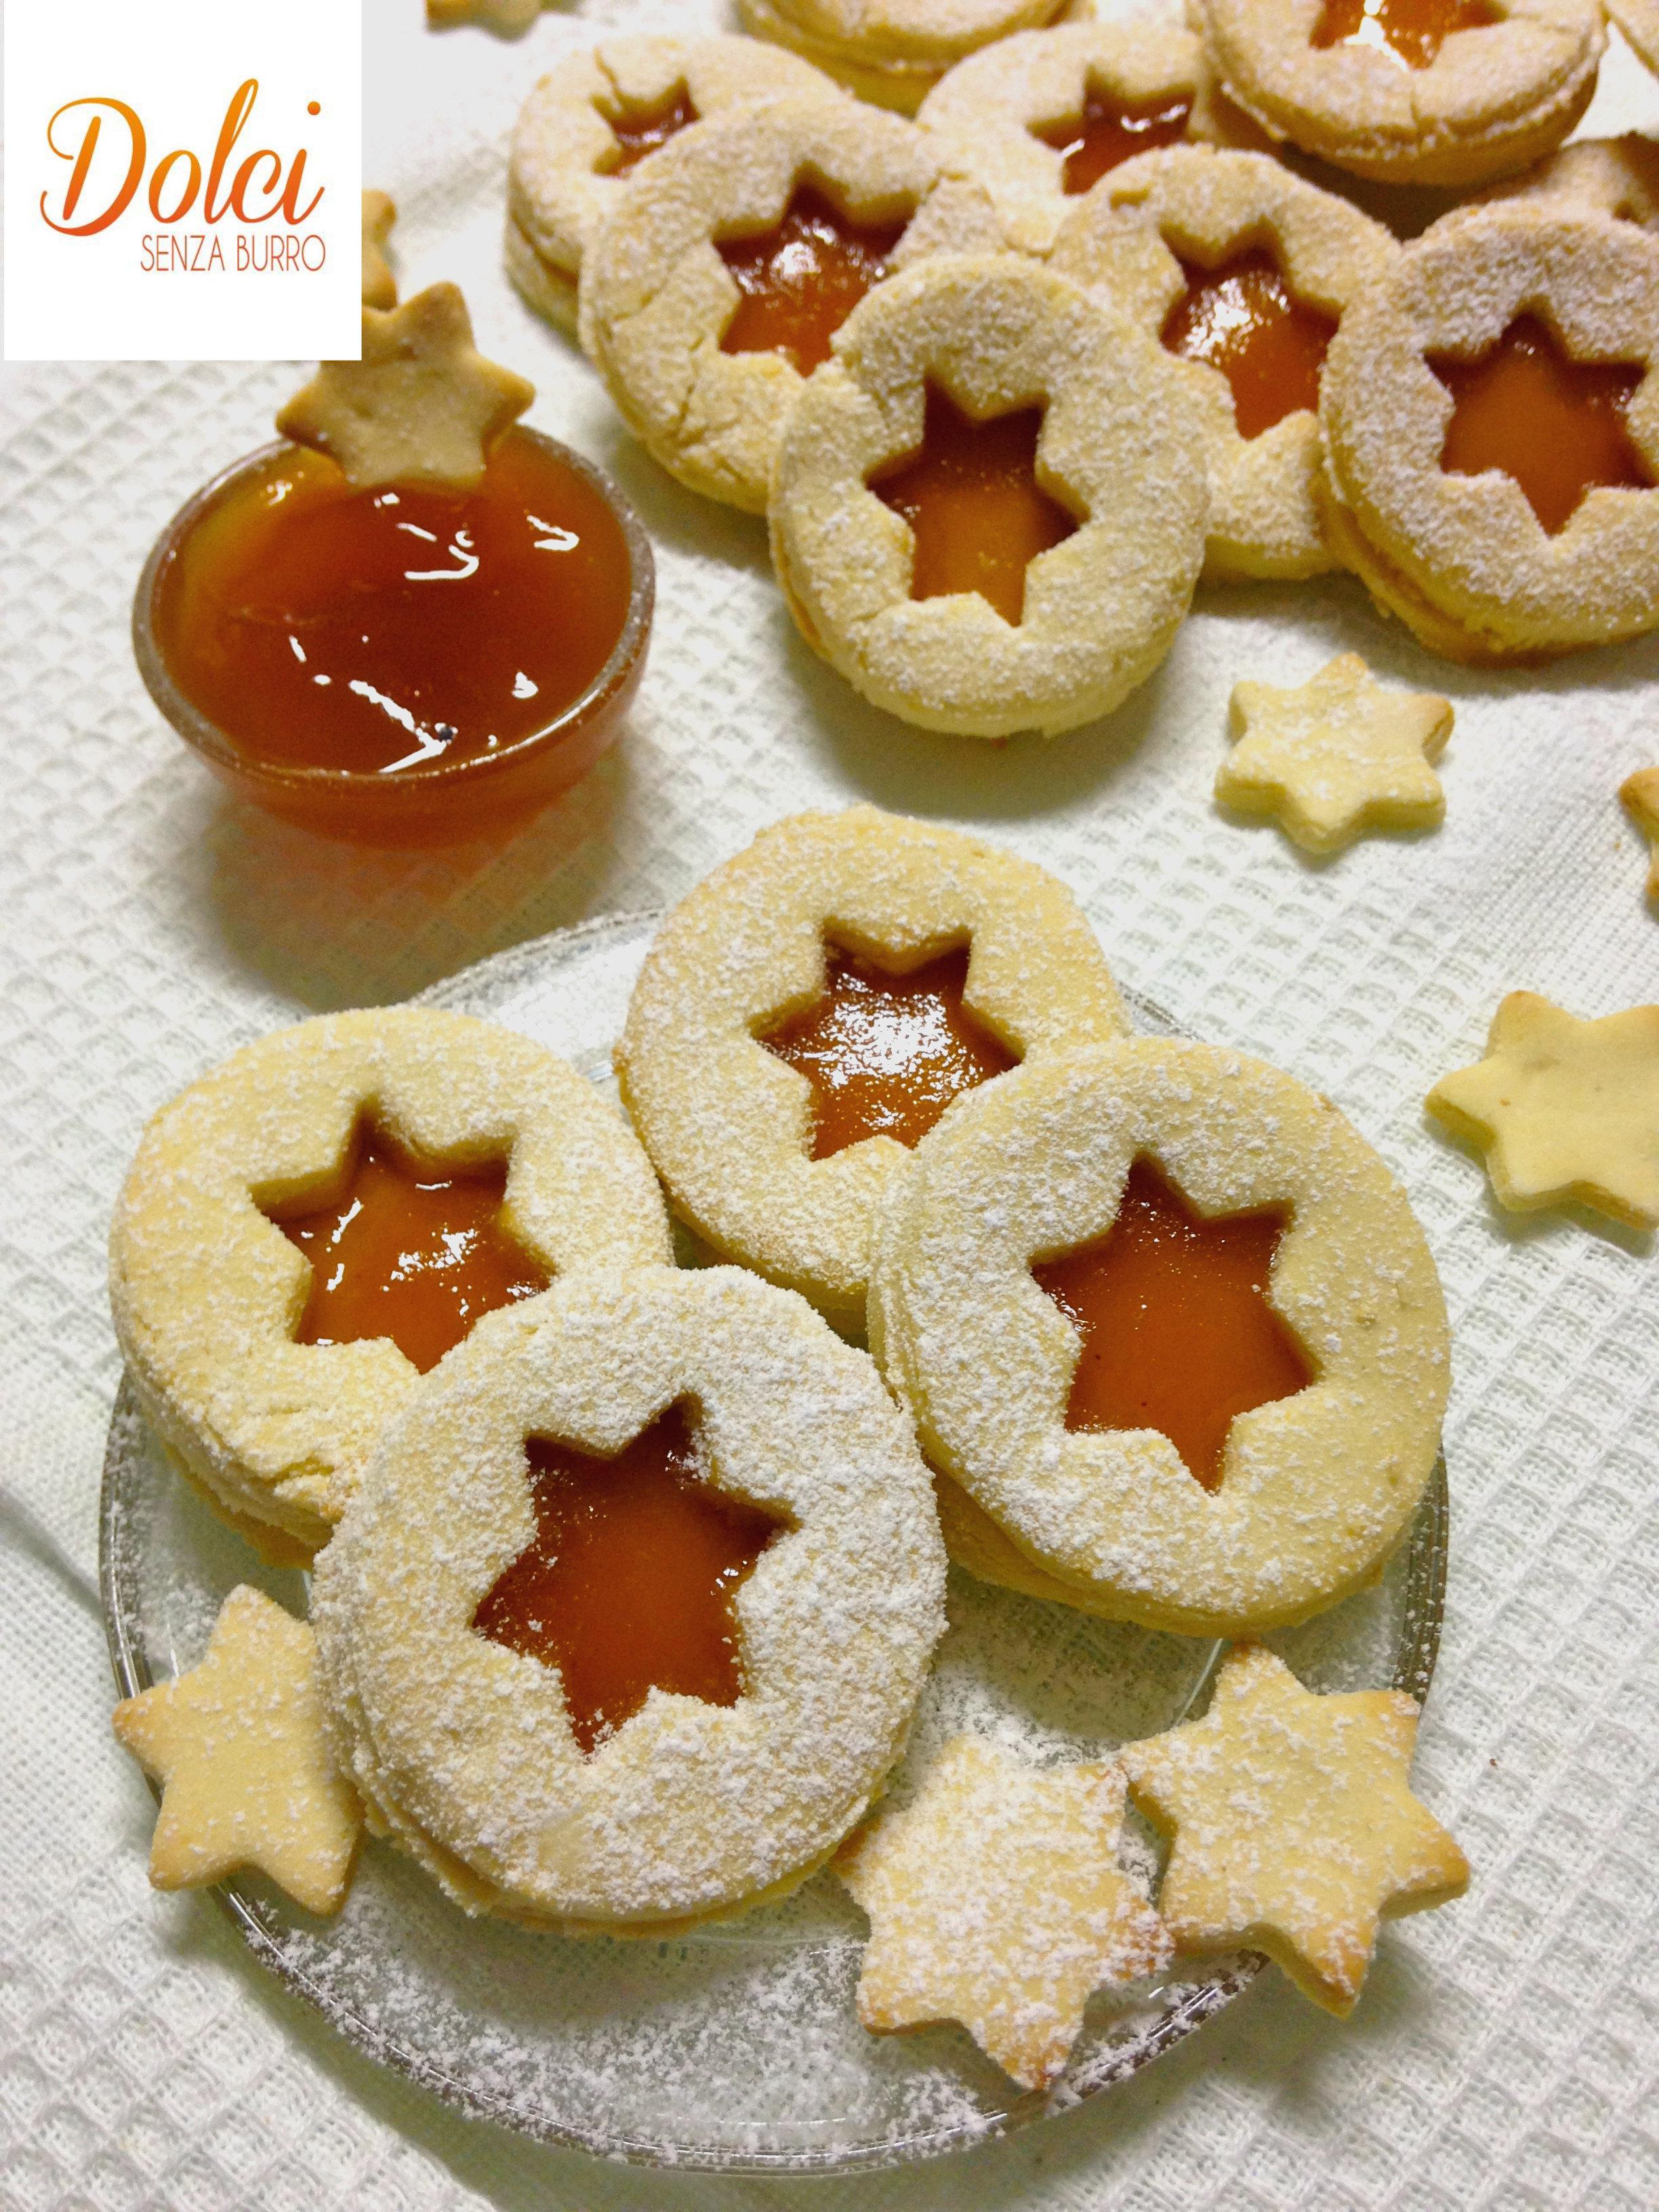 biscotti senza burro alla marmellata dolci e friabili di dolci senza burro